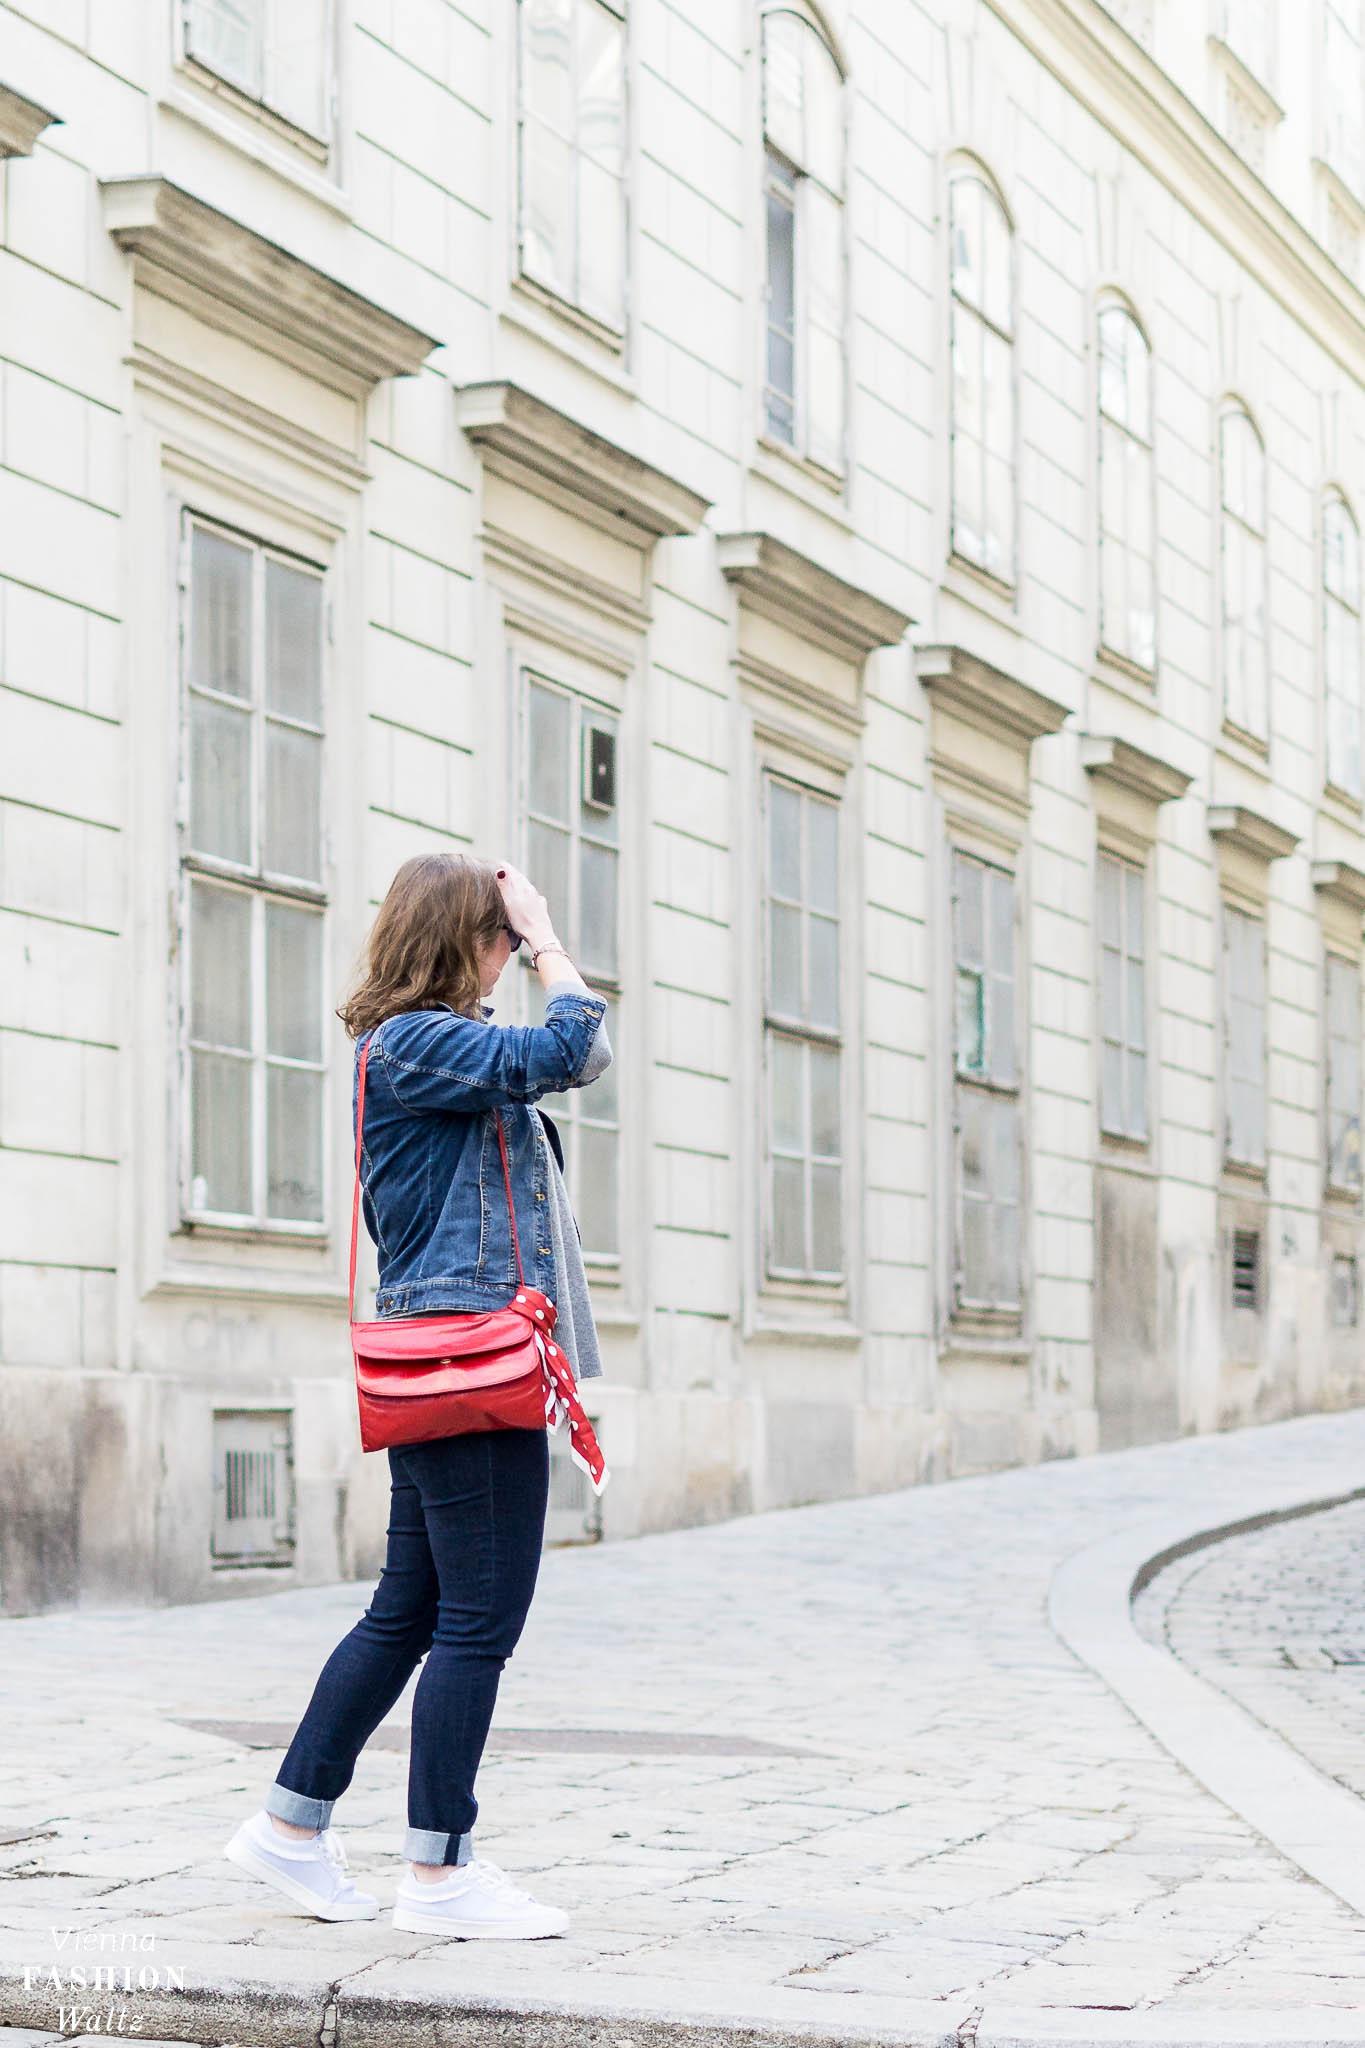 Dark Denim Outfit mit Streifen Sneakers und Kaschmir Pulli | Dark Denim Jeans Streetstyle, Outfit, Denim All Over, Jeansjacke, Statement Sneakers mit Streifen von Deichmann, Vintage Bally Bag, Fashion Trends